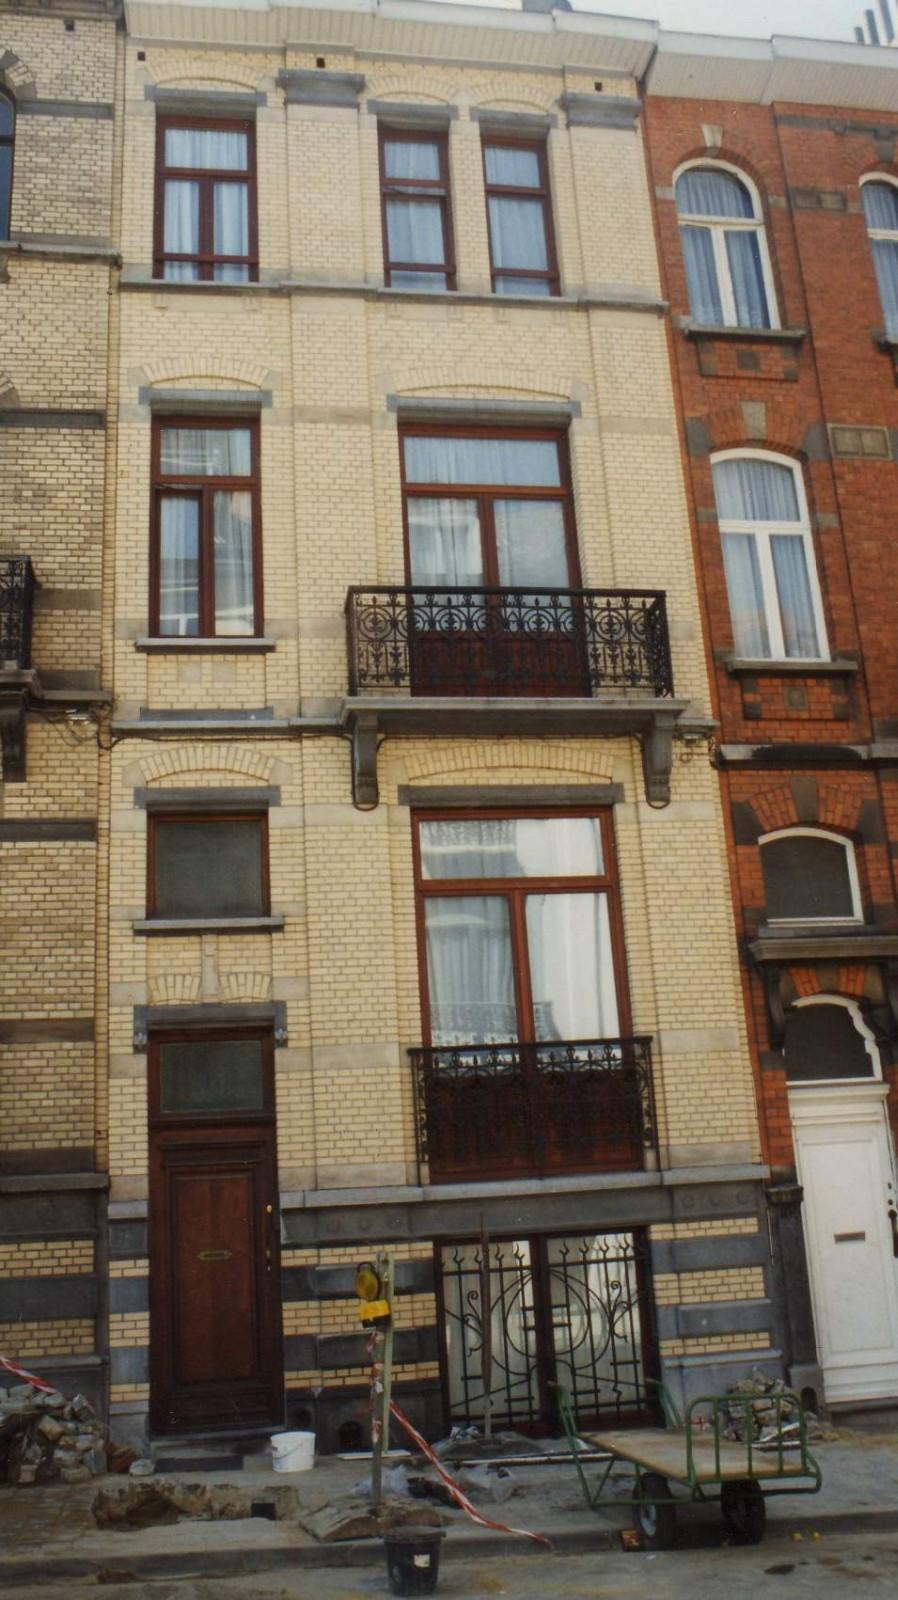 Antoine Gautierstraat 111., 1994